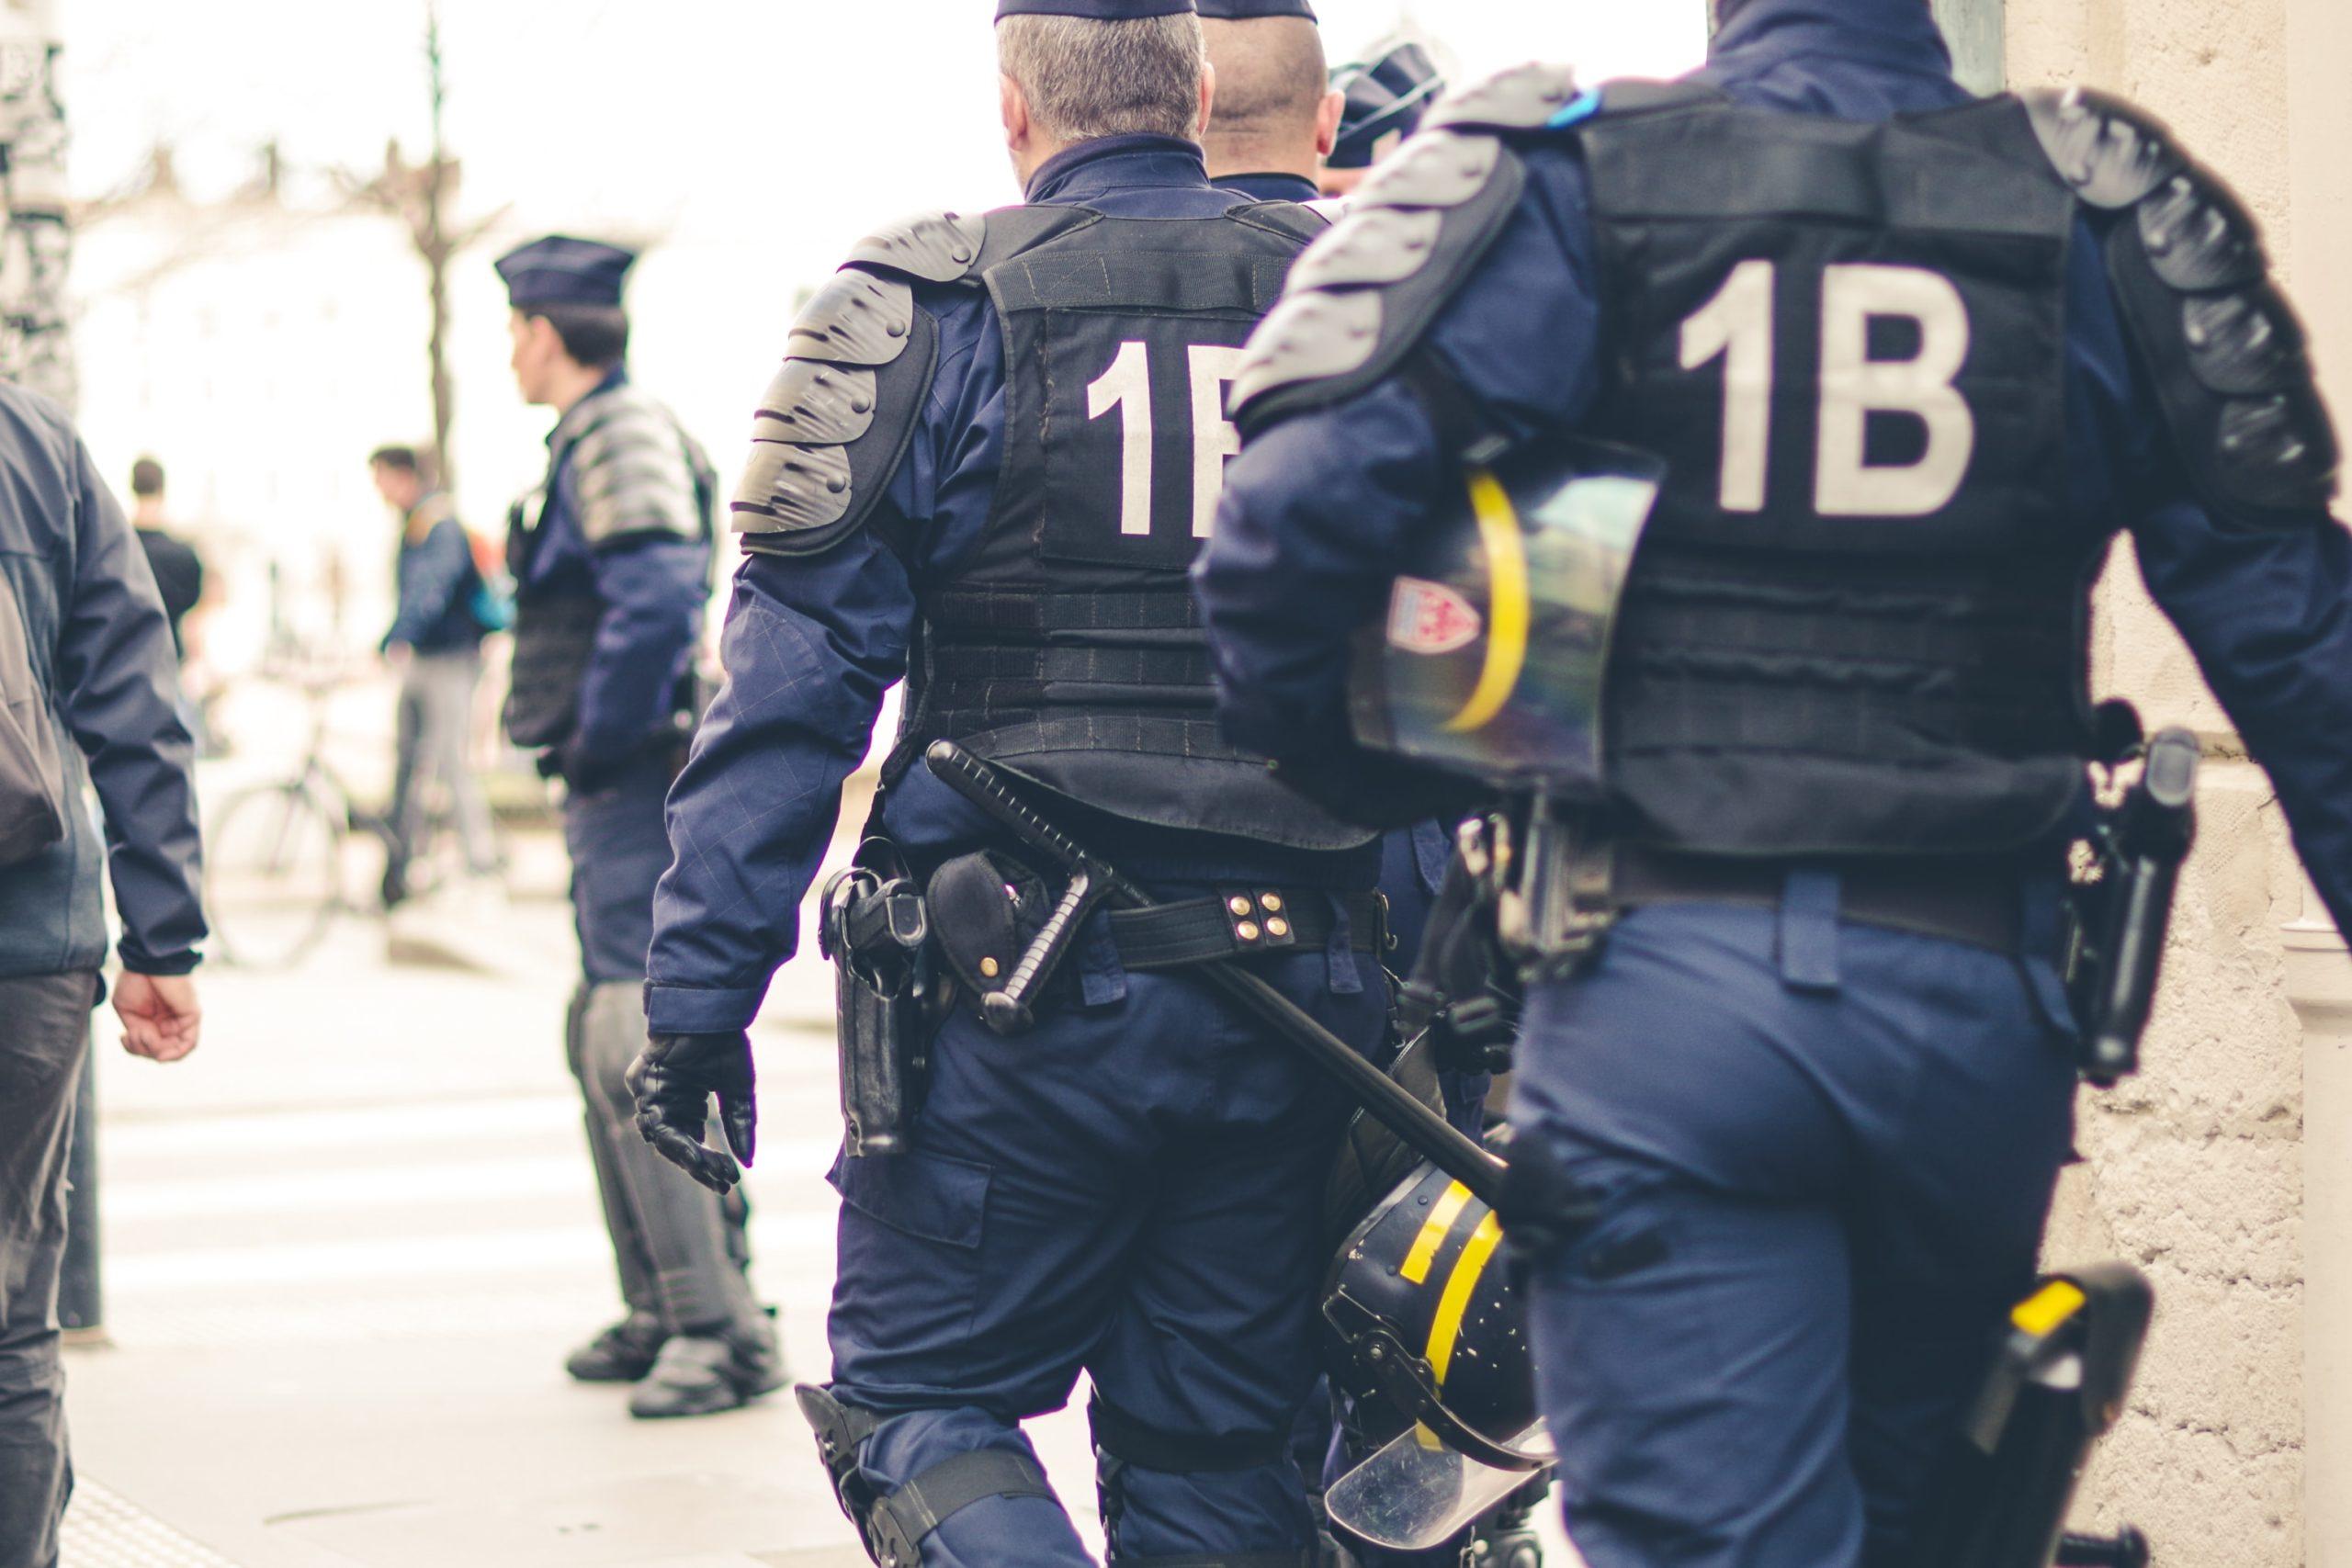 Les forces de l'ordre ont enregistré une hausse de près de 8 000 crimes et délits en cinq ans. Crédit : ev on Unsplash.